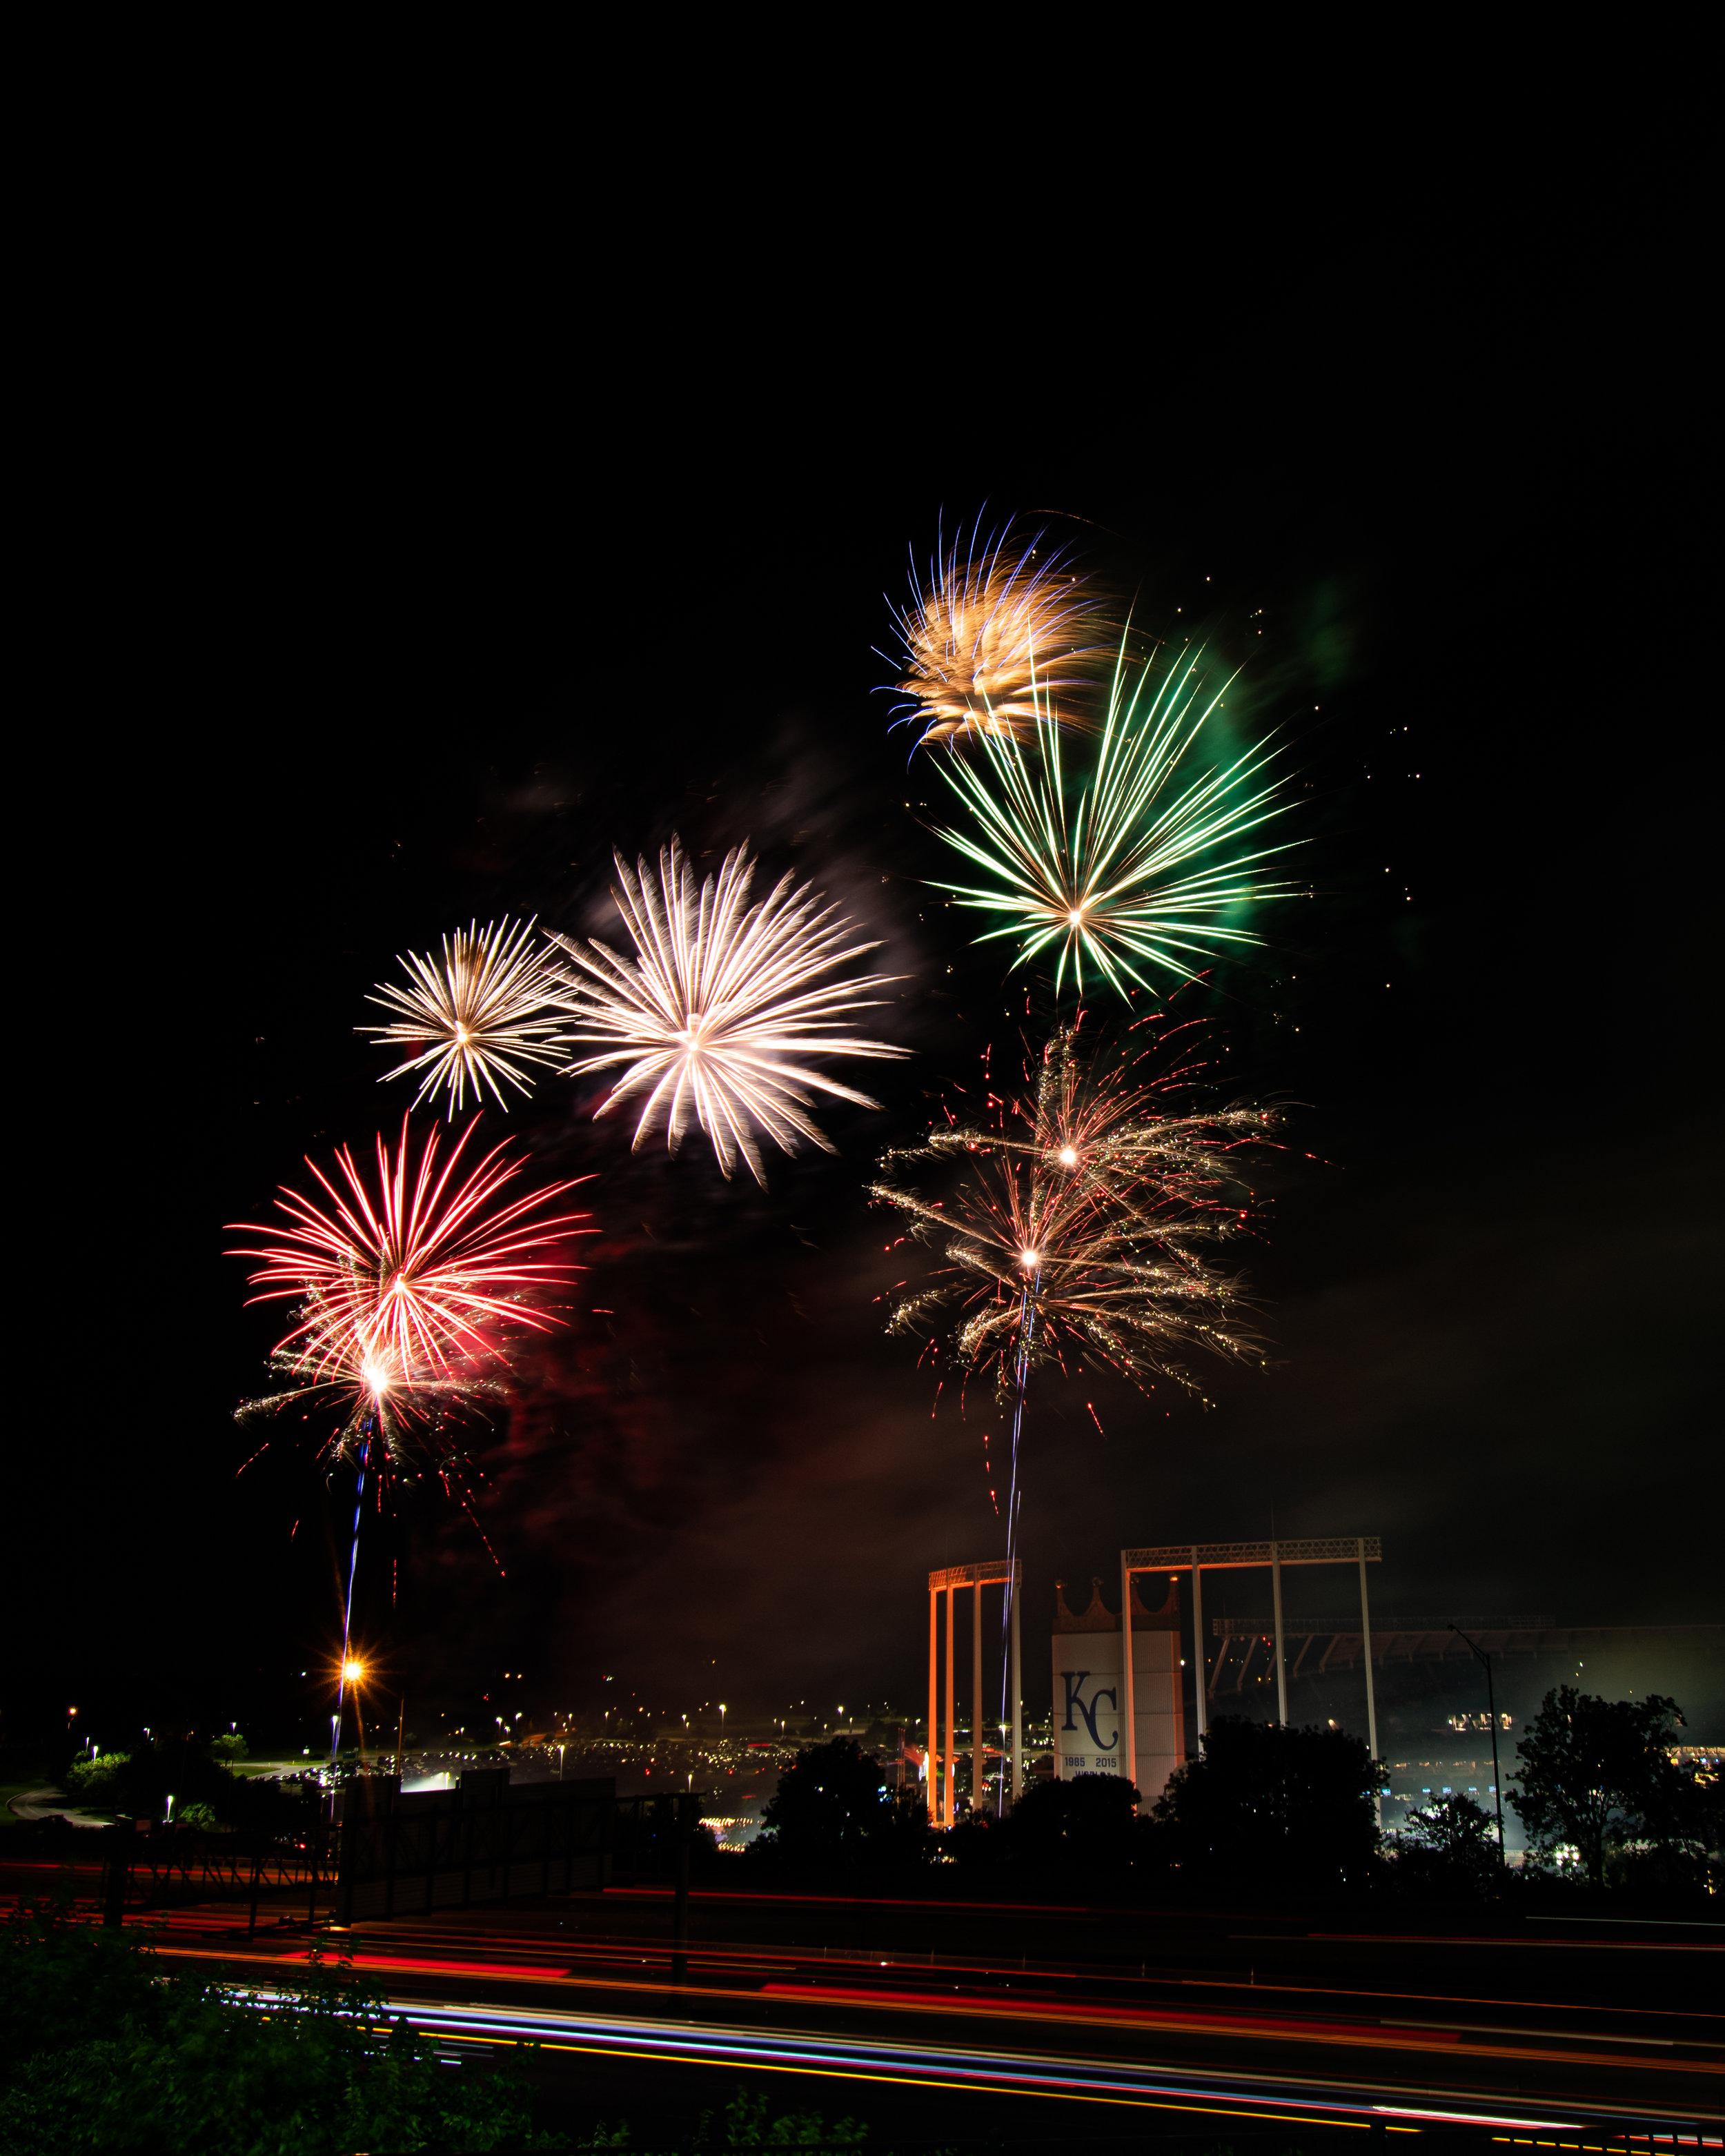 firework-friday-3-of-51_48108389297_o.jpg